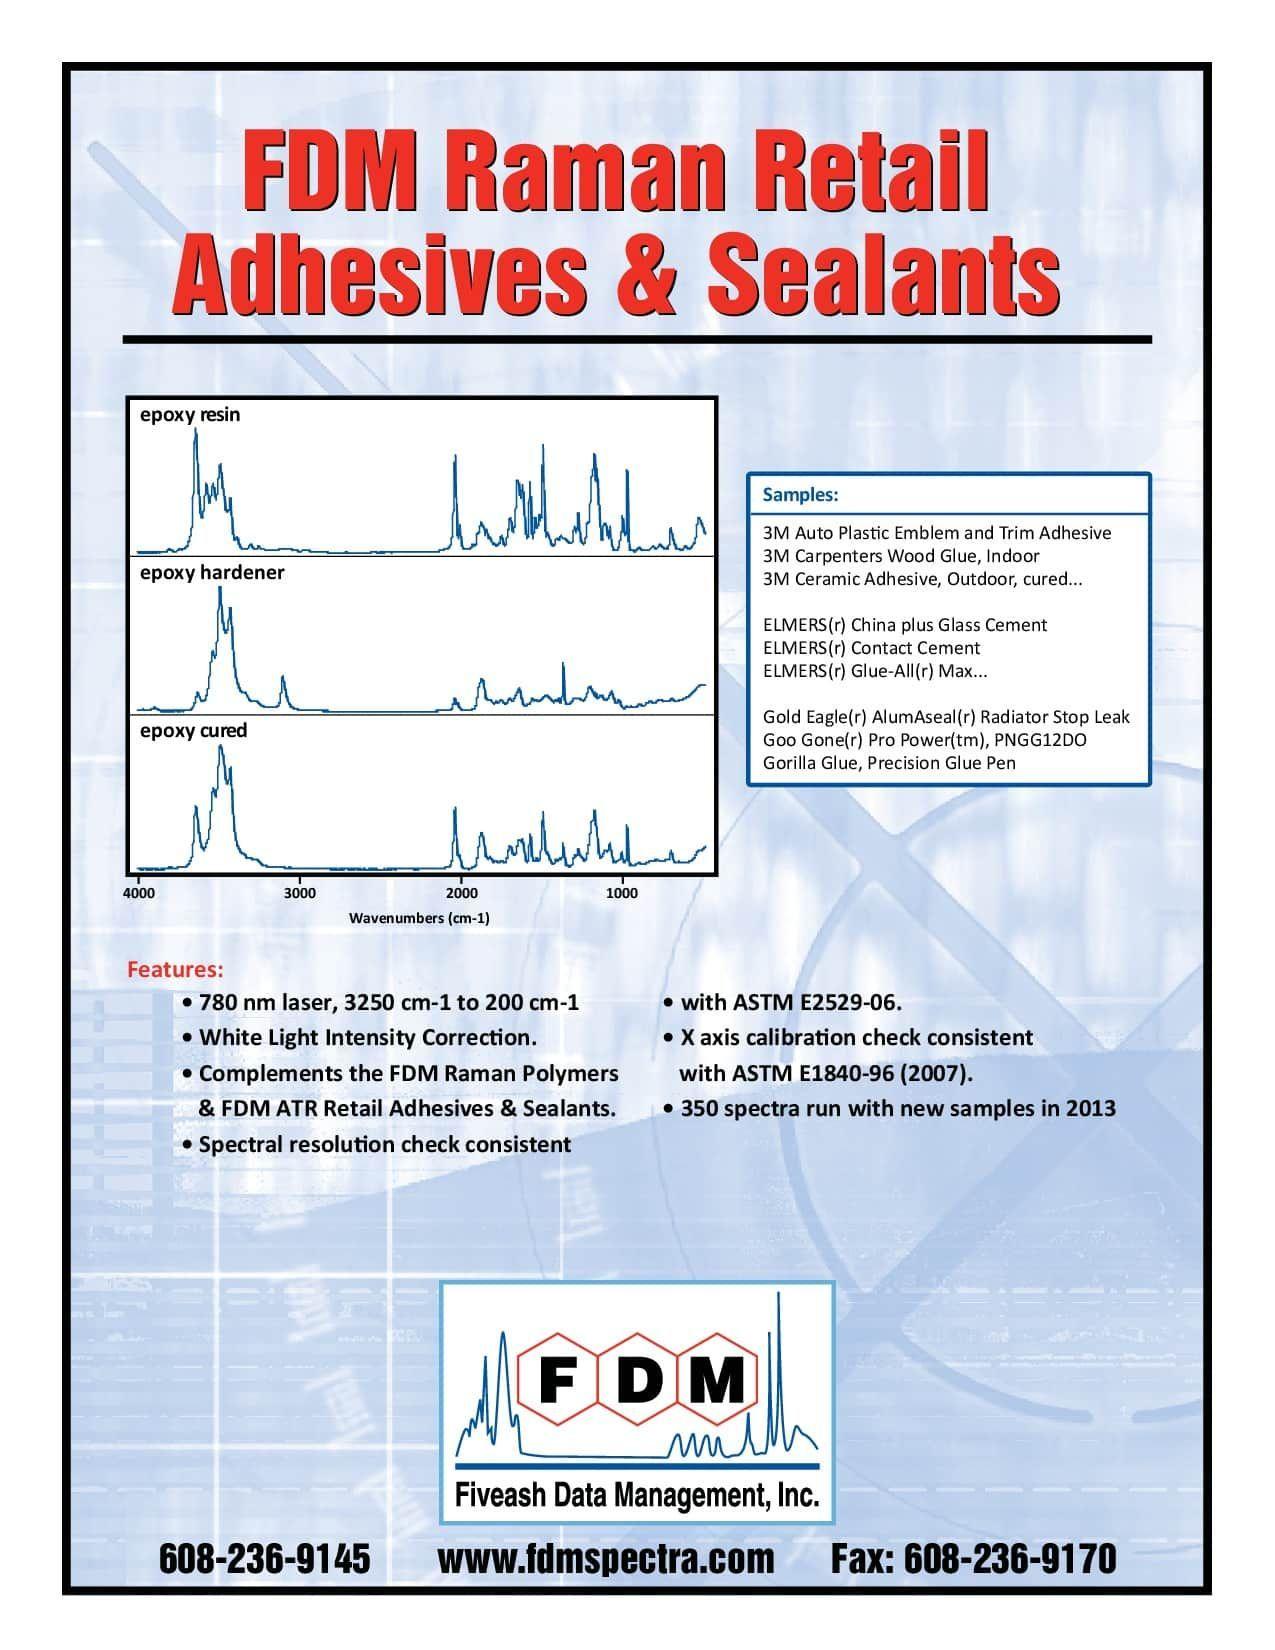 FDM Raman Retail Adhesives & Sealants